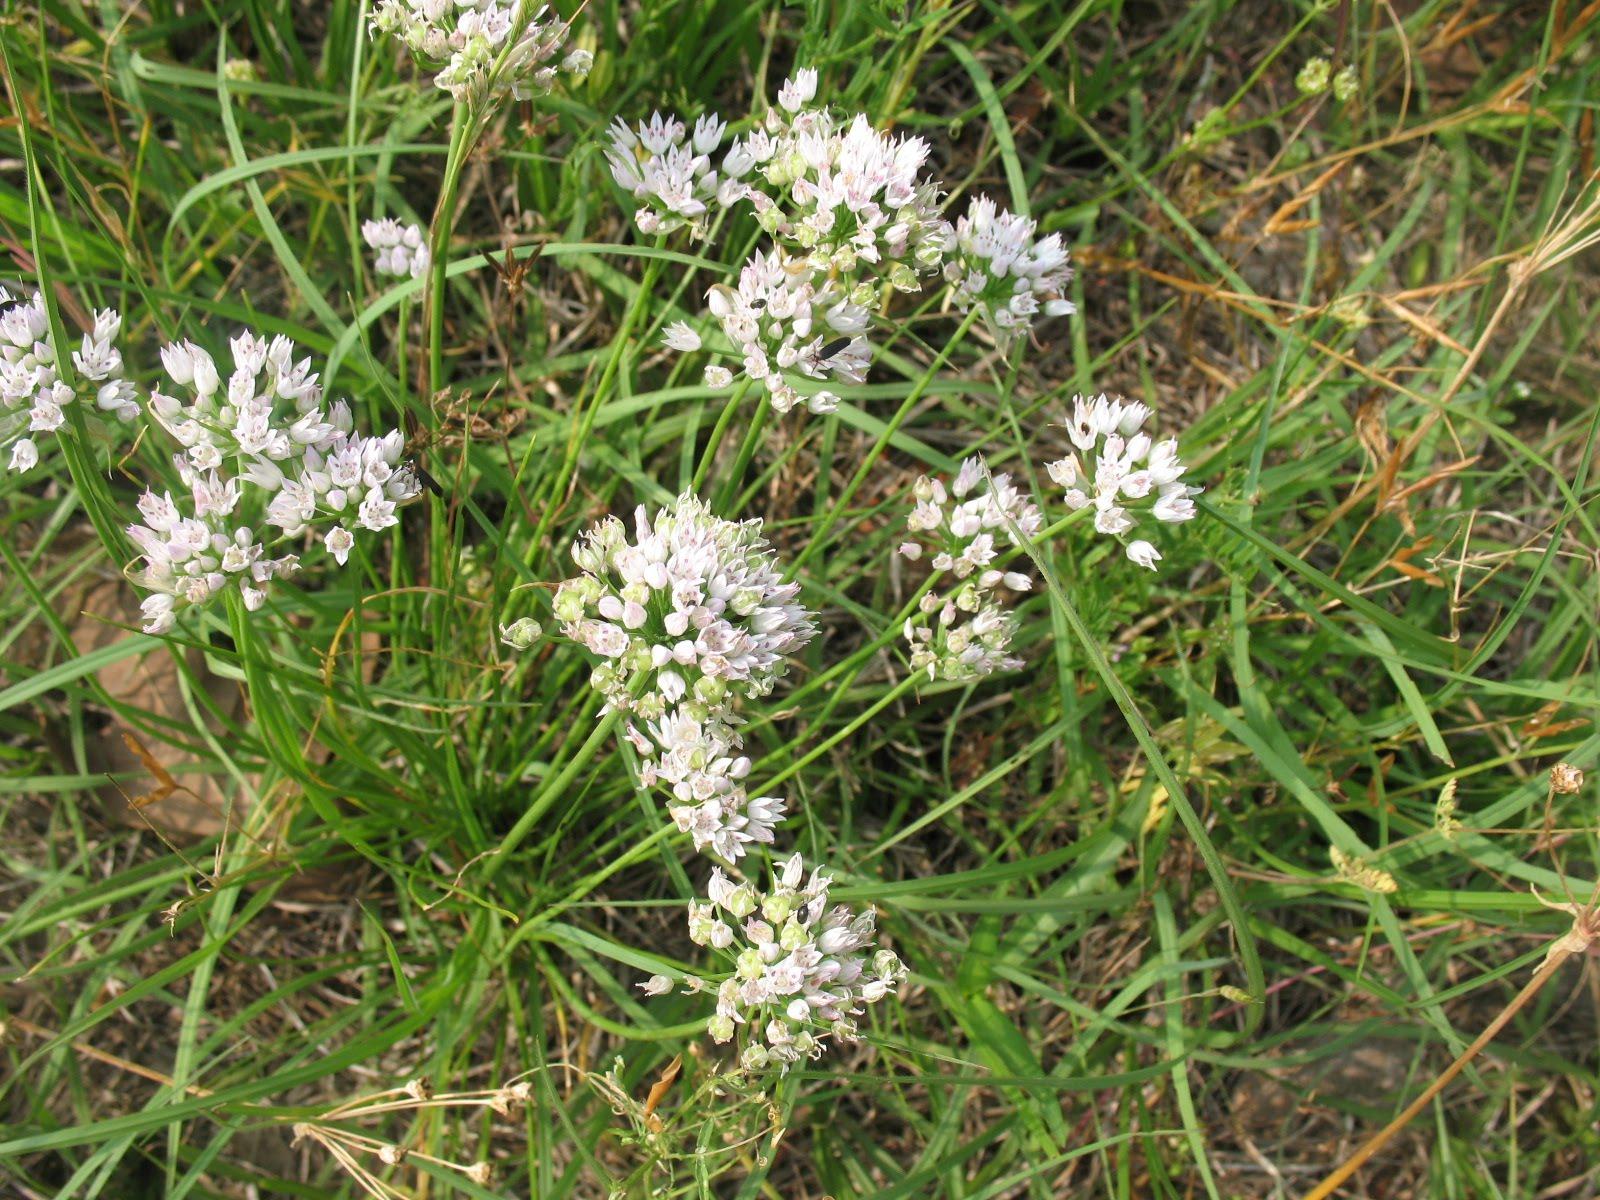 Edible Wild Plants – Wild ions